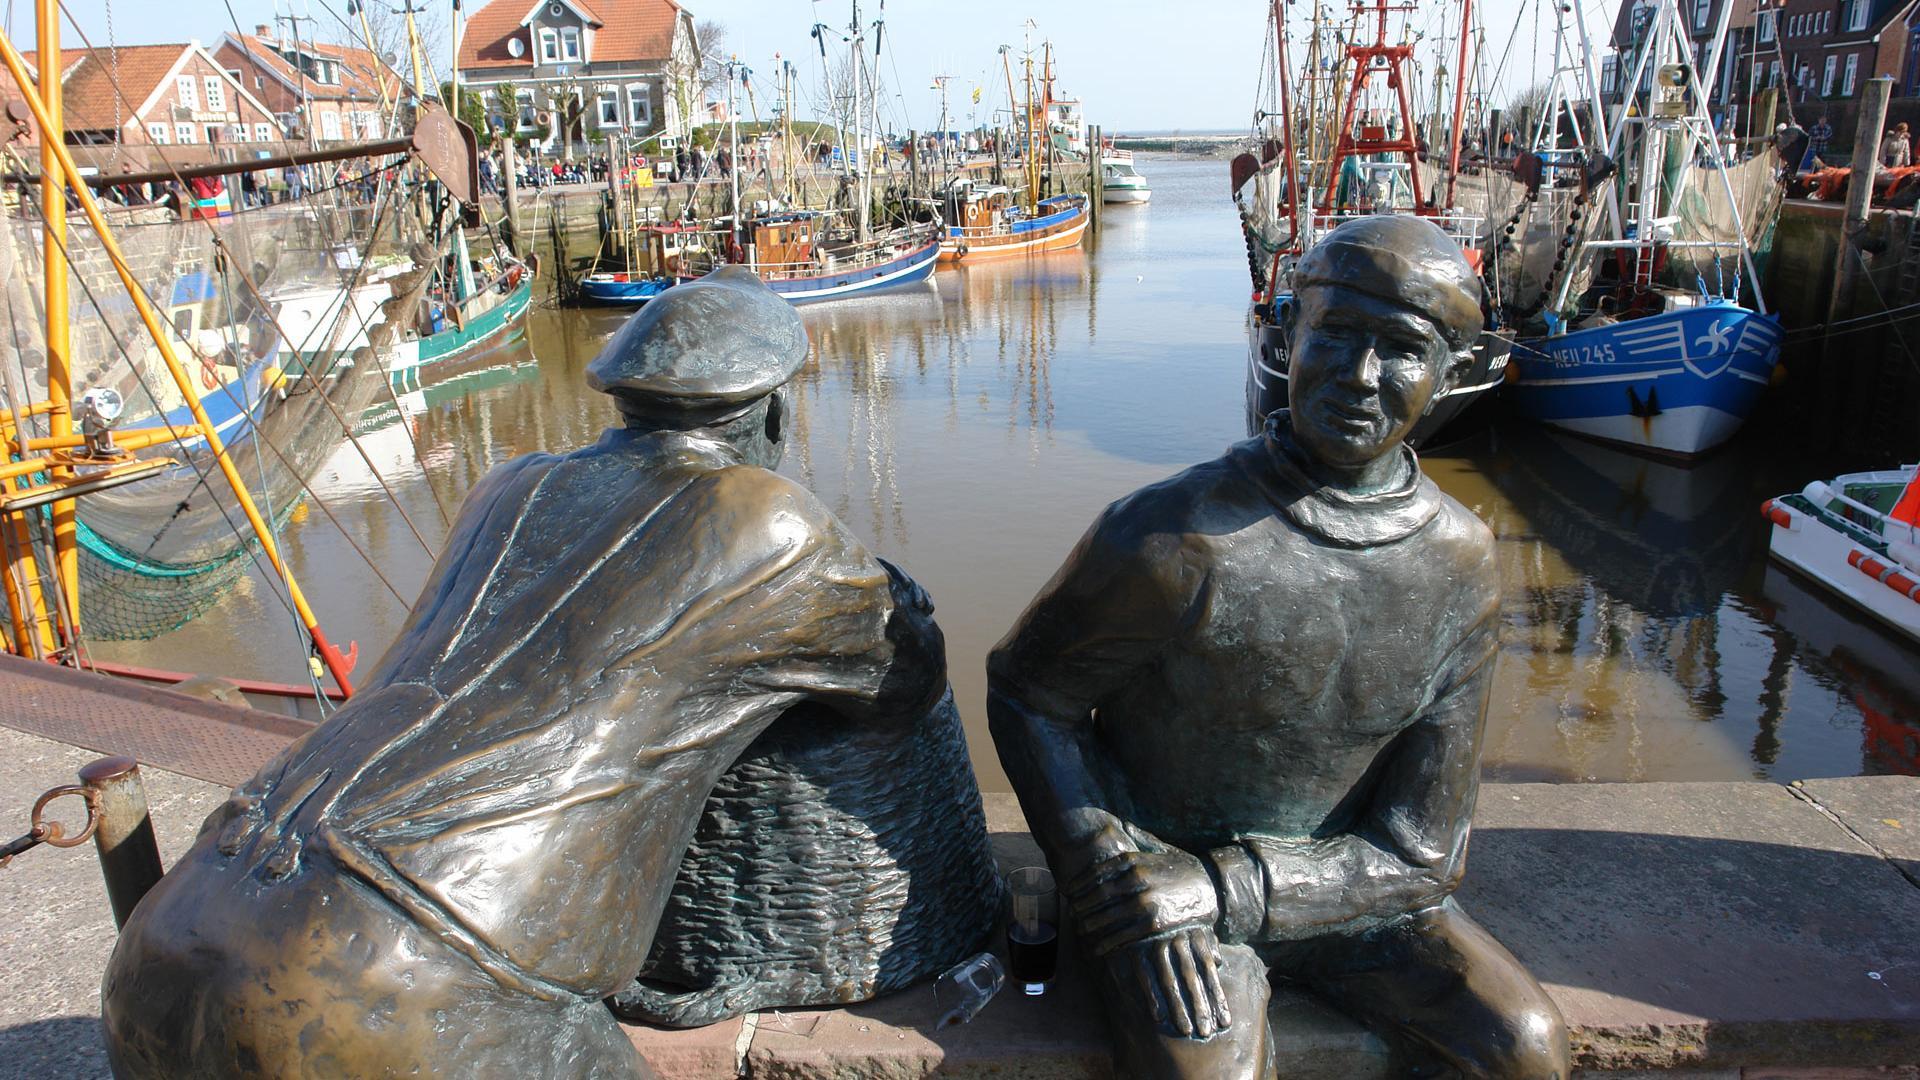 Ostfriesland - Statuen im Hafen von Neuharlingersiel